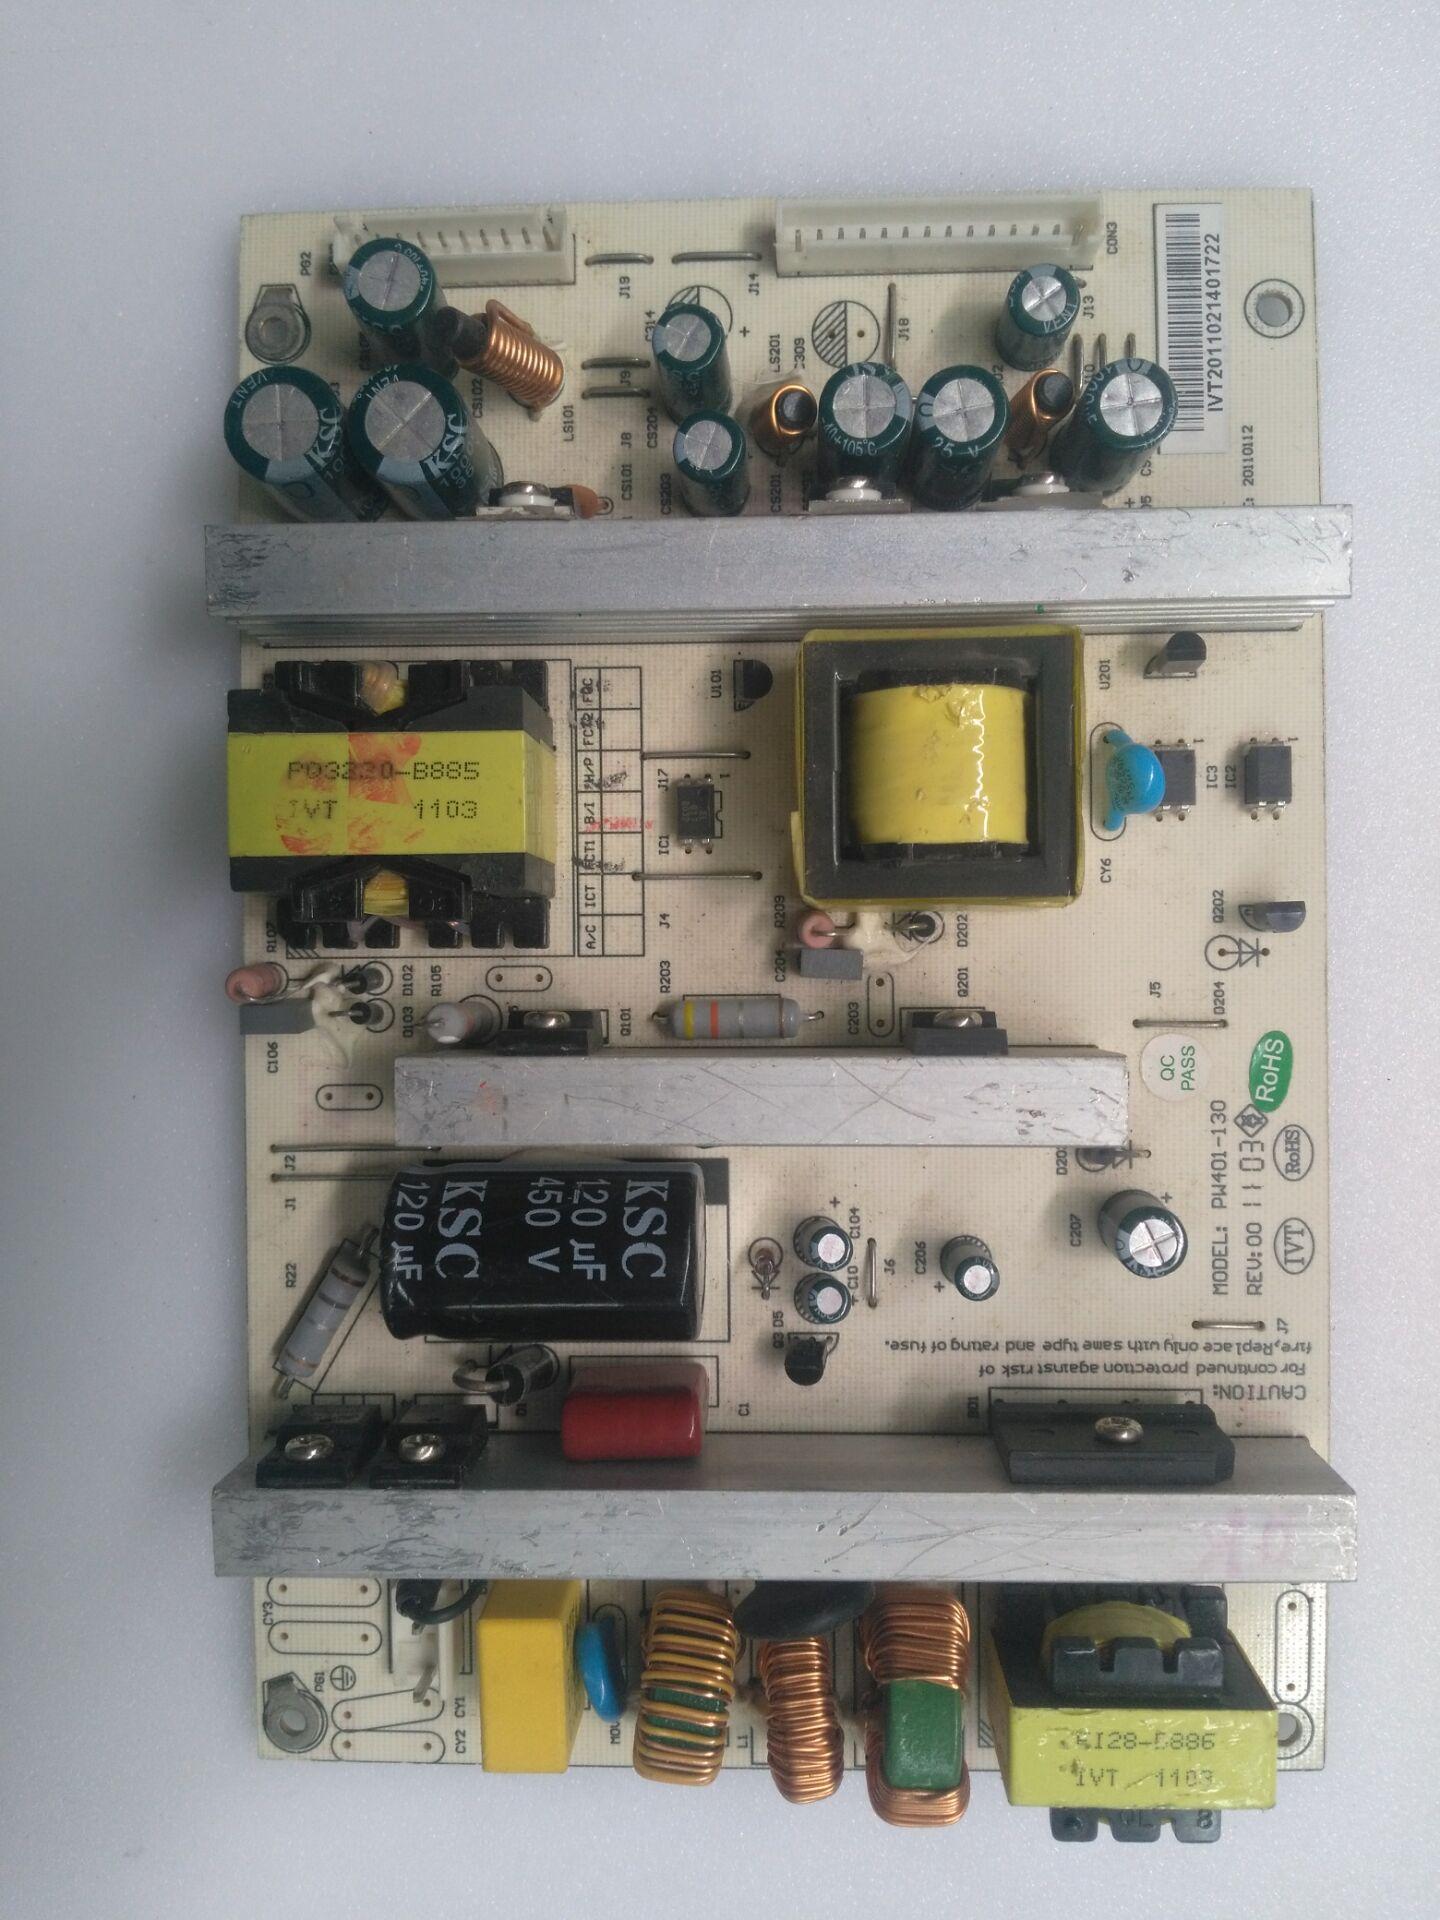 - plaque de télévision à affichage à cristaux liquides (PW401-130B) paysage LCD32HD applicable 25-3237 pouces universel